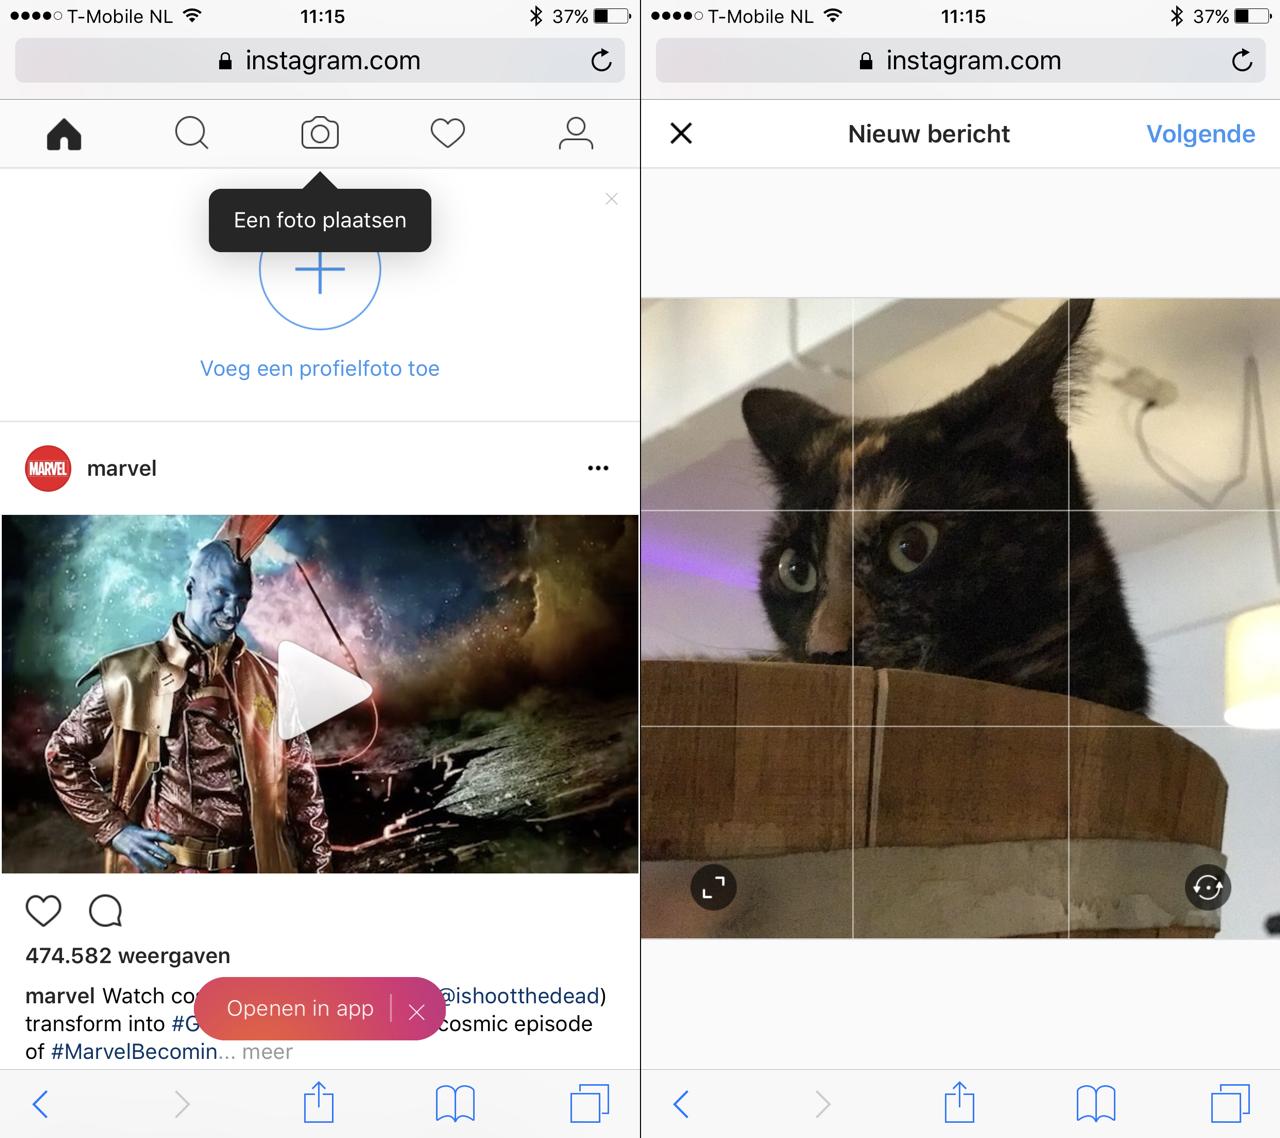 instagram browserupload 001